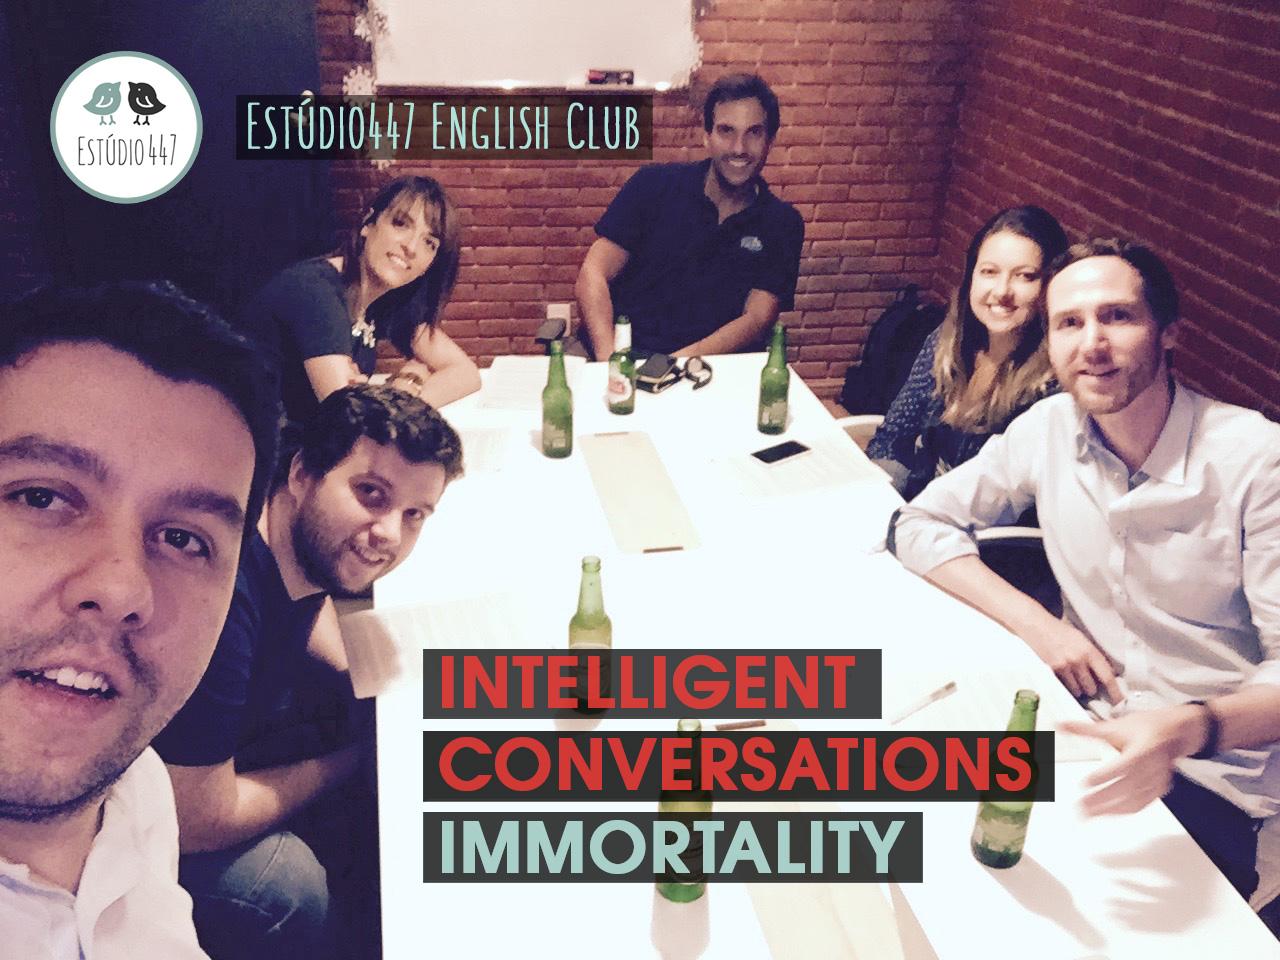 Estúdio447 Coworking Moema & clube de inglês - workshop sobre immortalidade